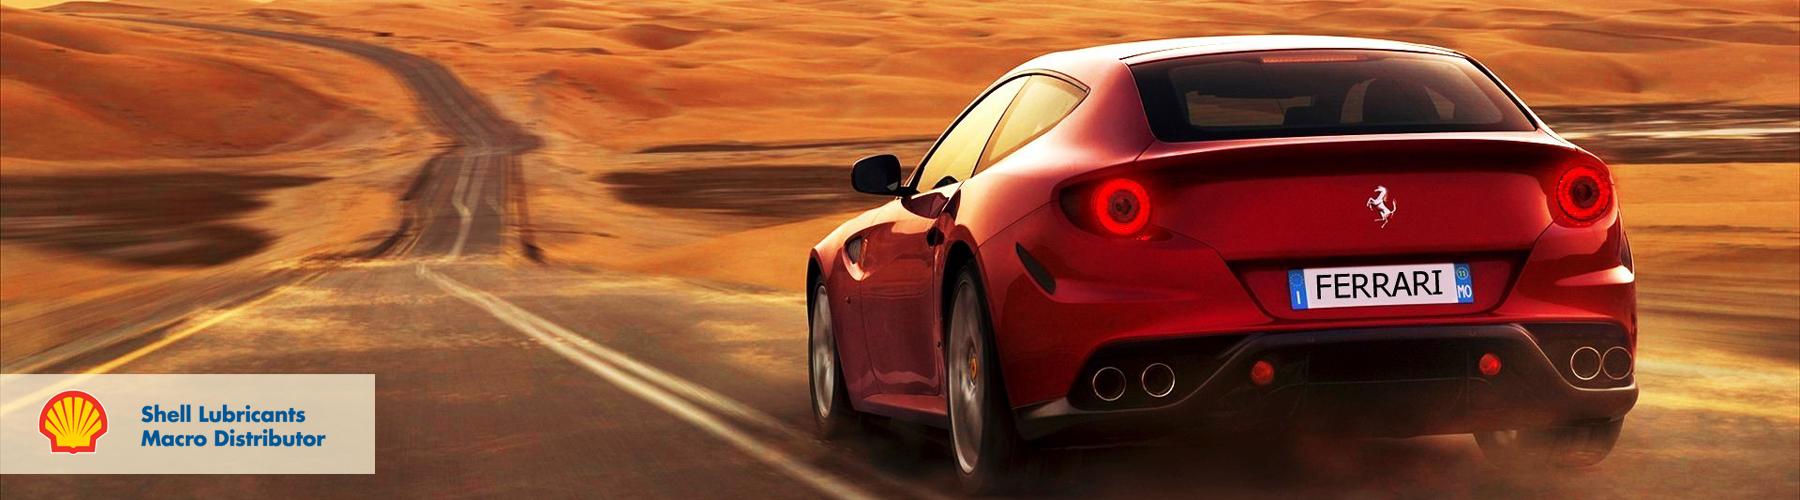 Ferrari-Wallpaper-2_b